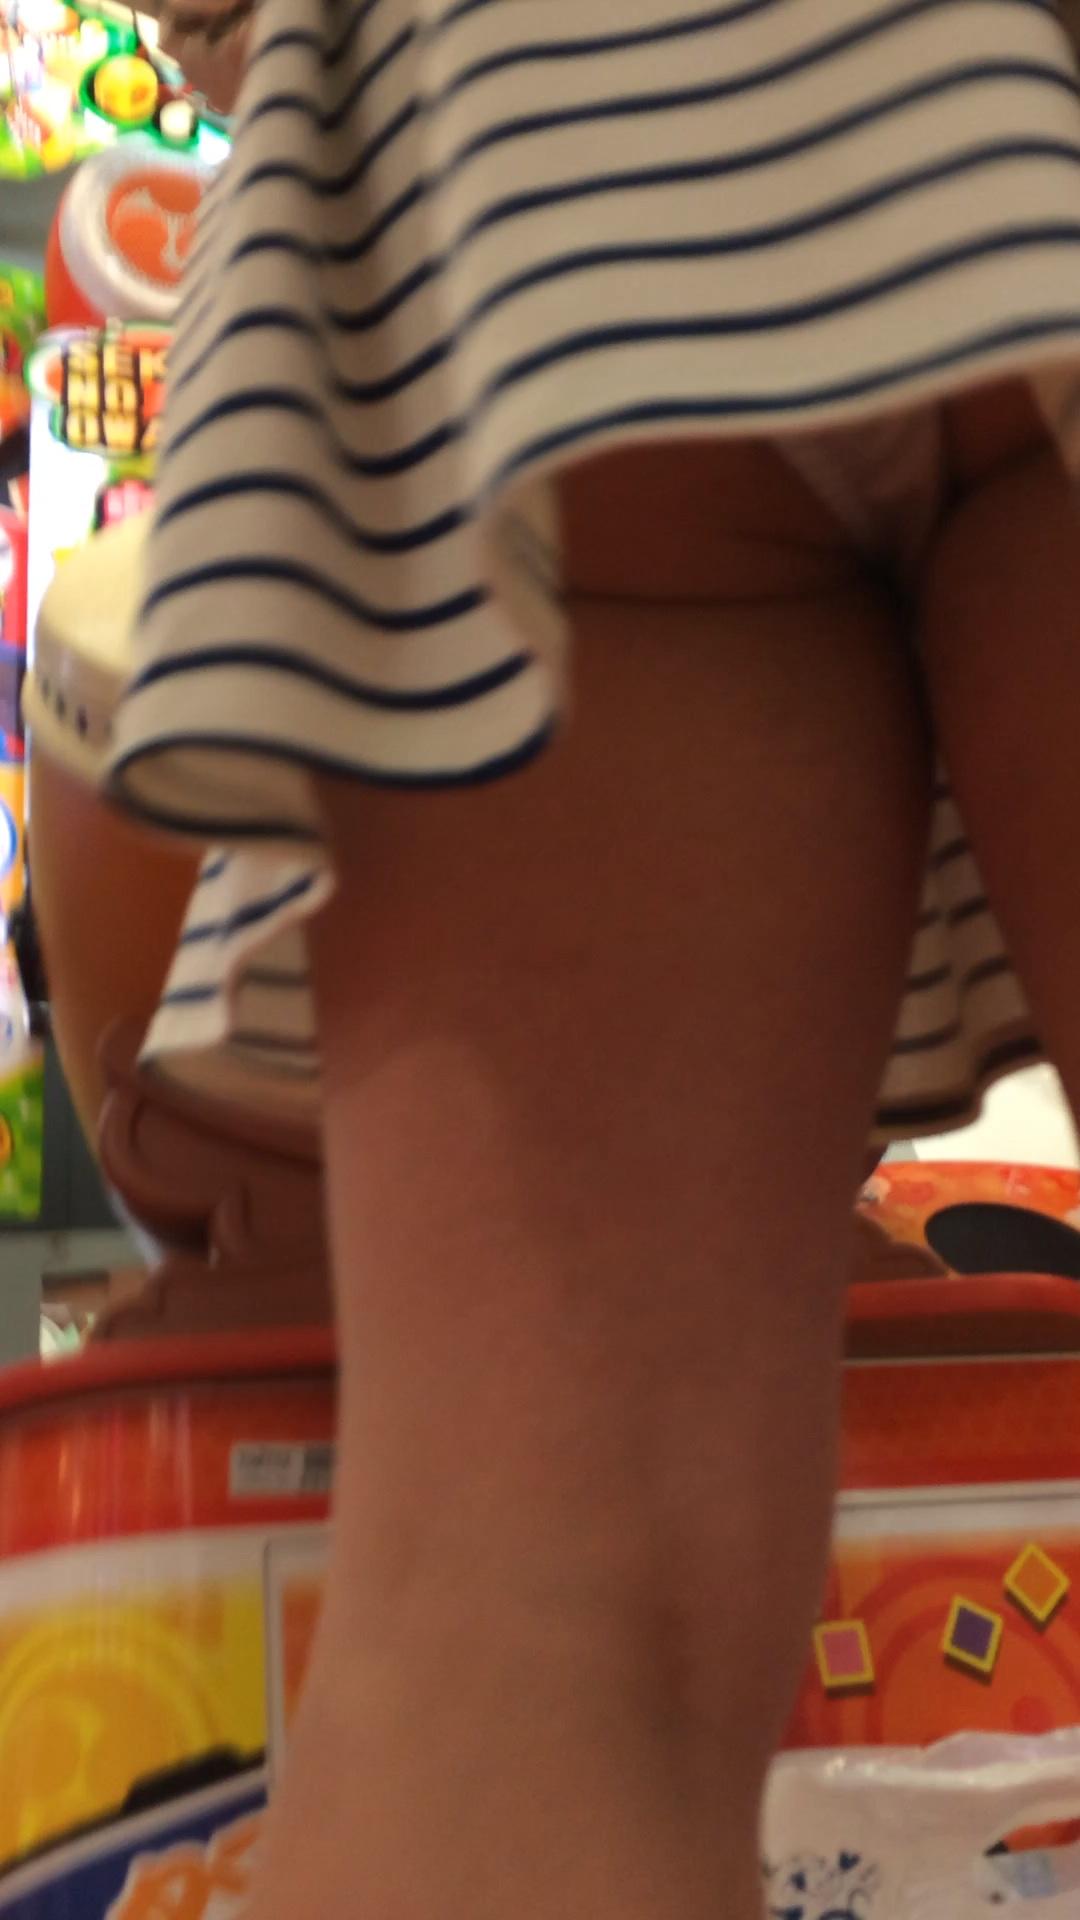 太鼓の達人中の素人女子のパンツを盗撮!